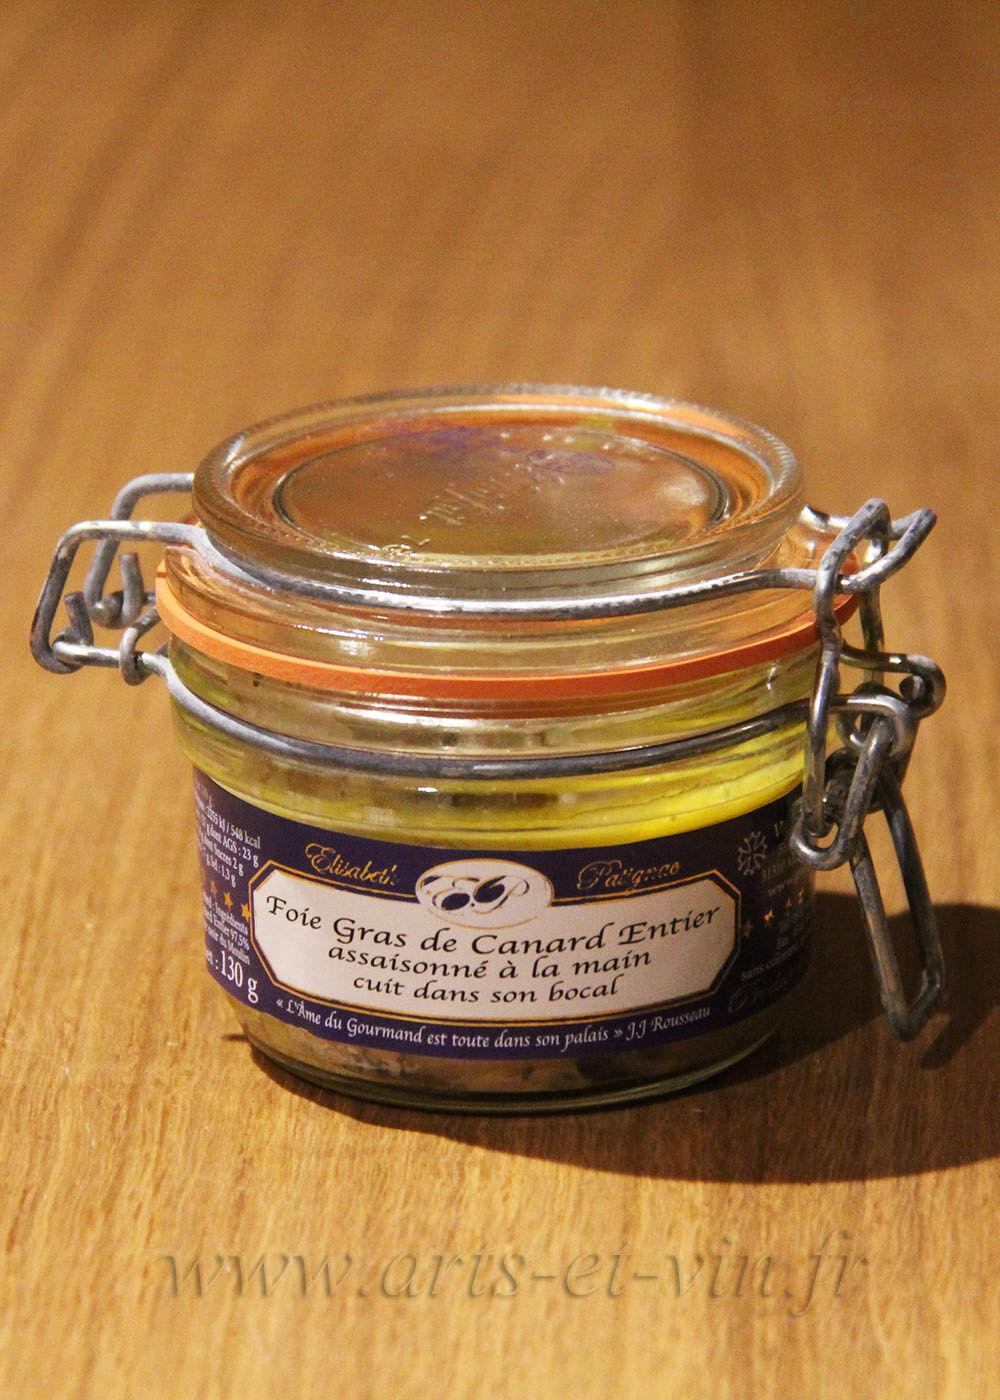 Foie Gras et Epices Foie gras de canard entier assaisonné à la main et cuit dans son bocal - 130g